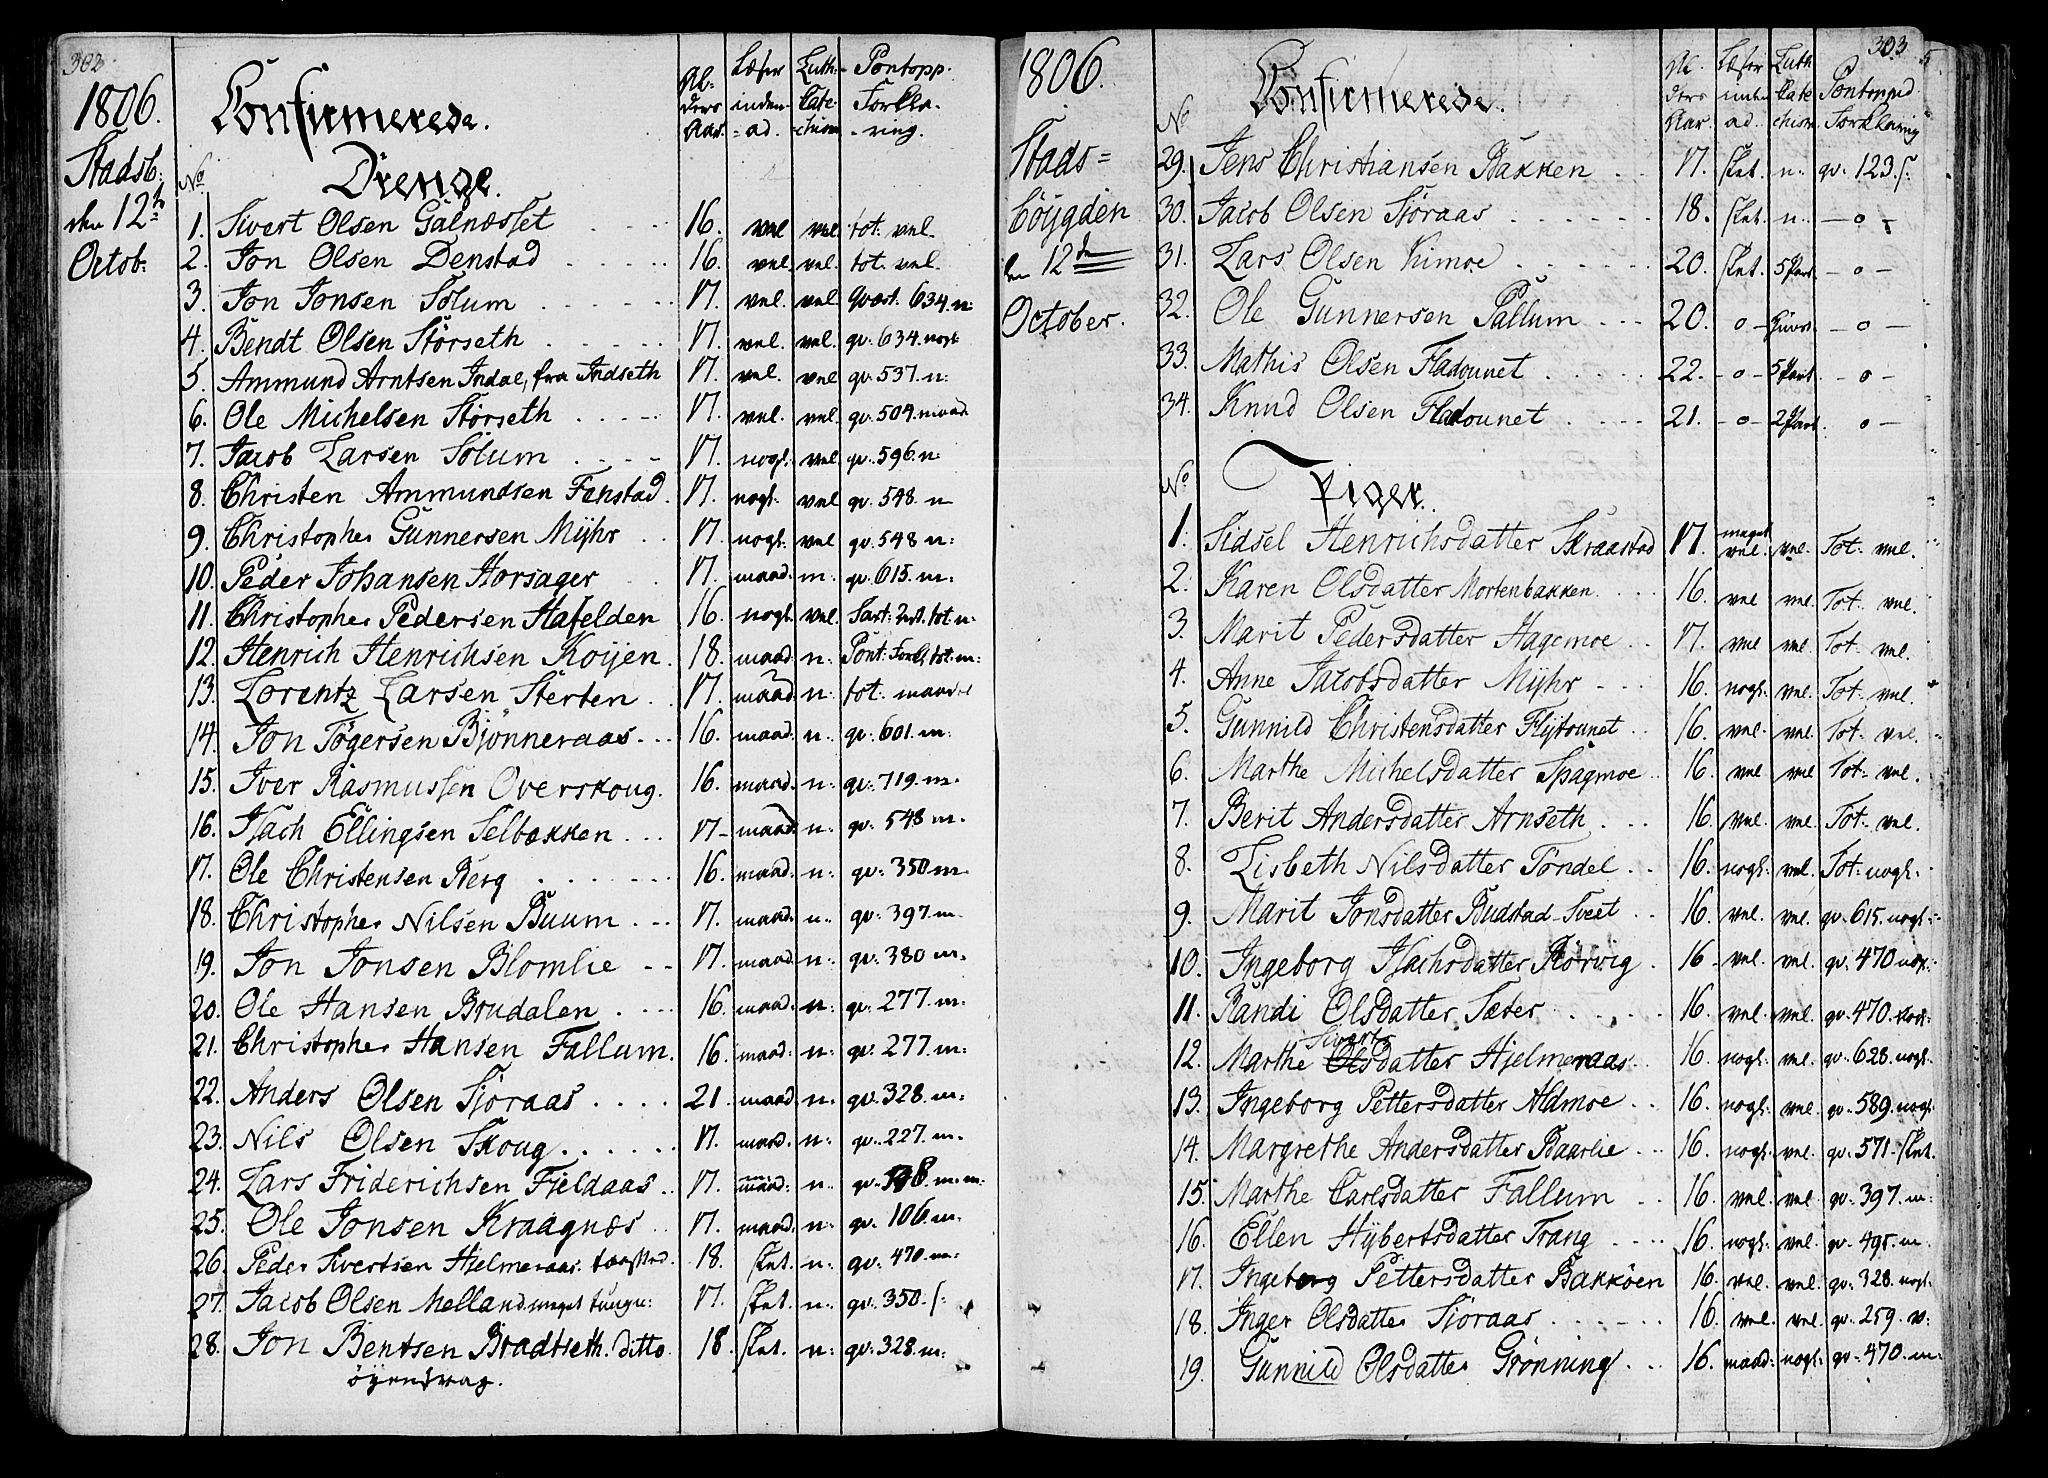 SAT, Ministerialprotokoller, klokkerbøker og fødselsregistre - Sør-Trøndelag, 646/L0607: Ministerialbok nr. 646A05, 1806-1815, s. 302-303